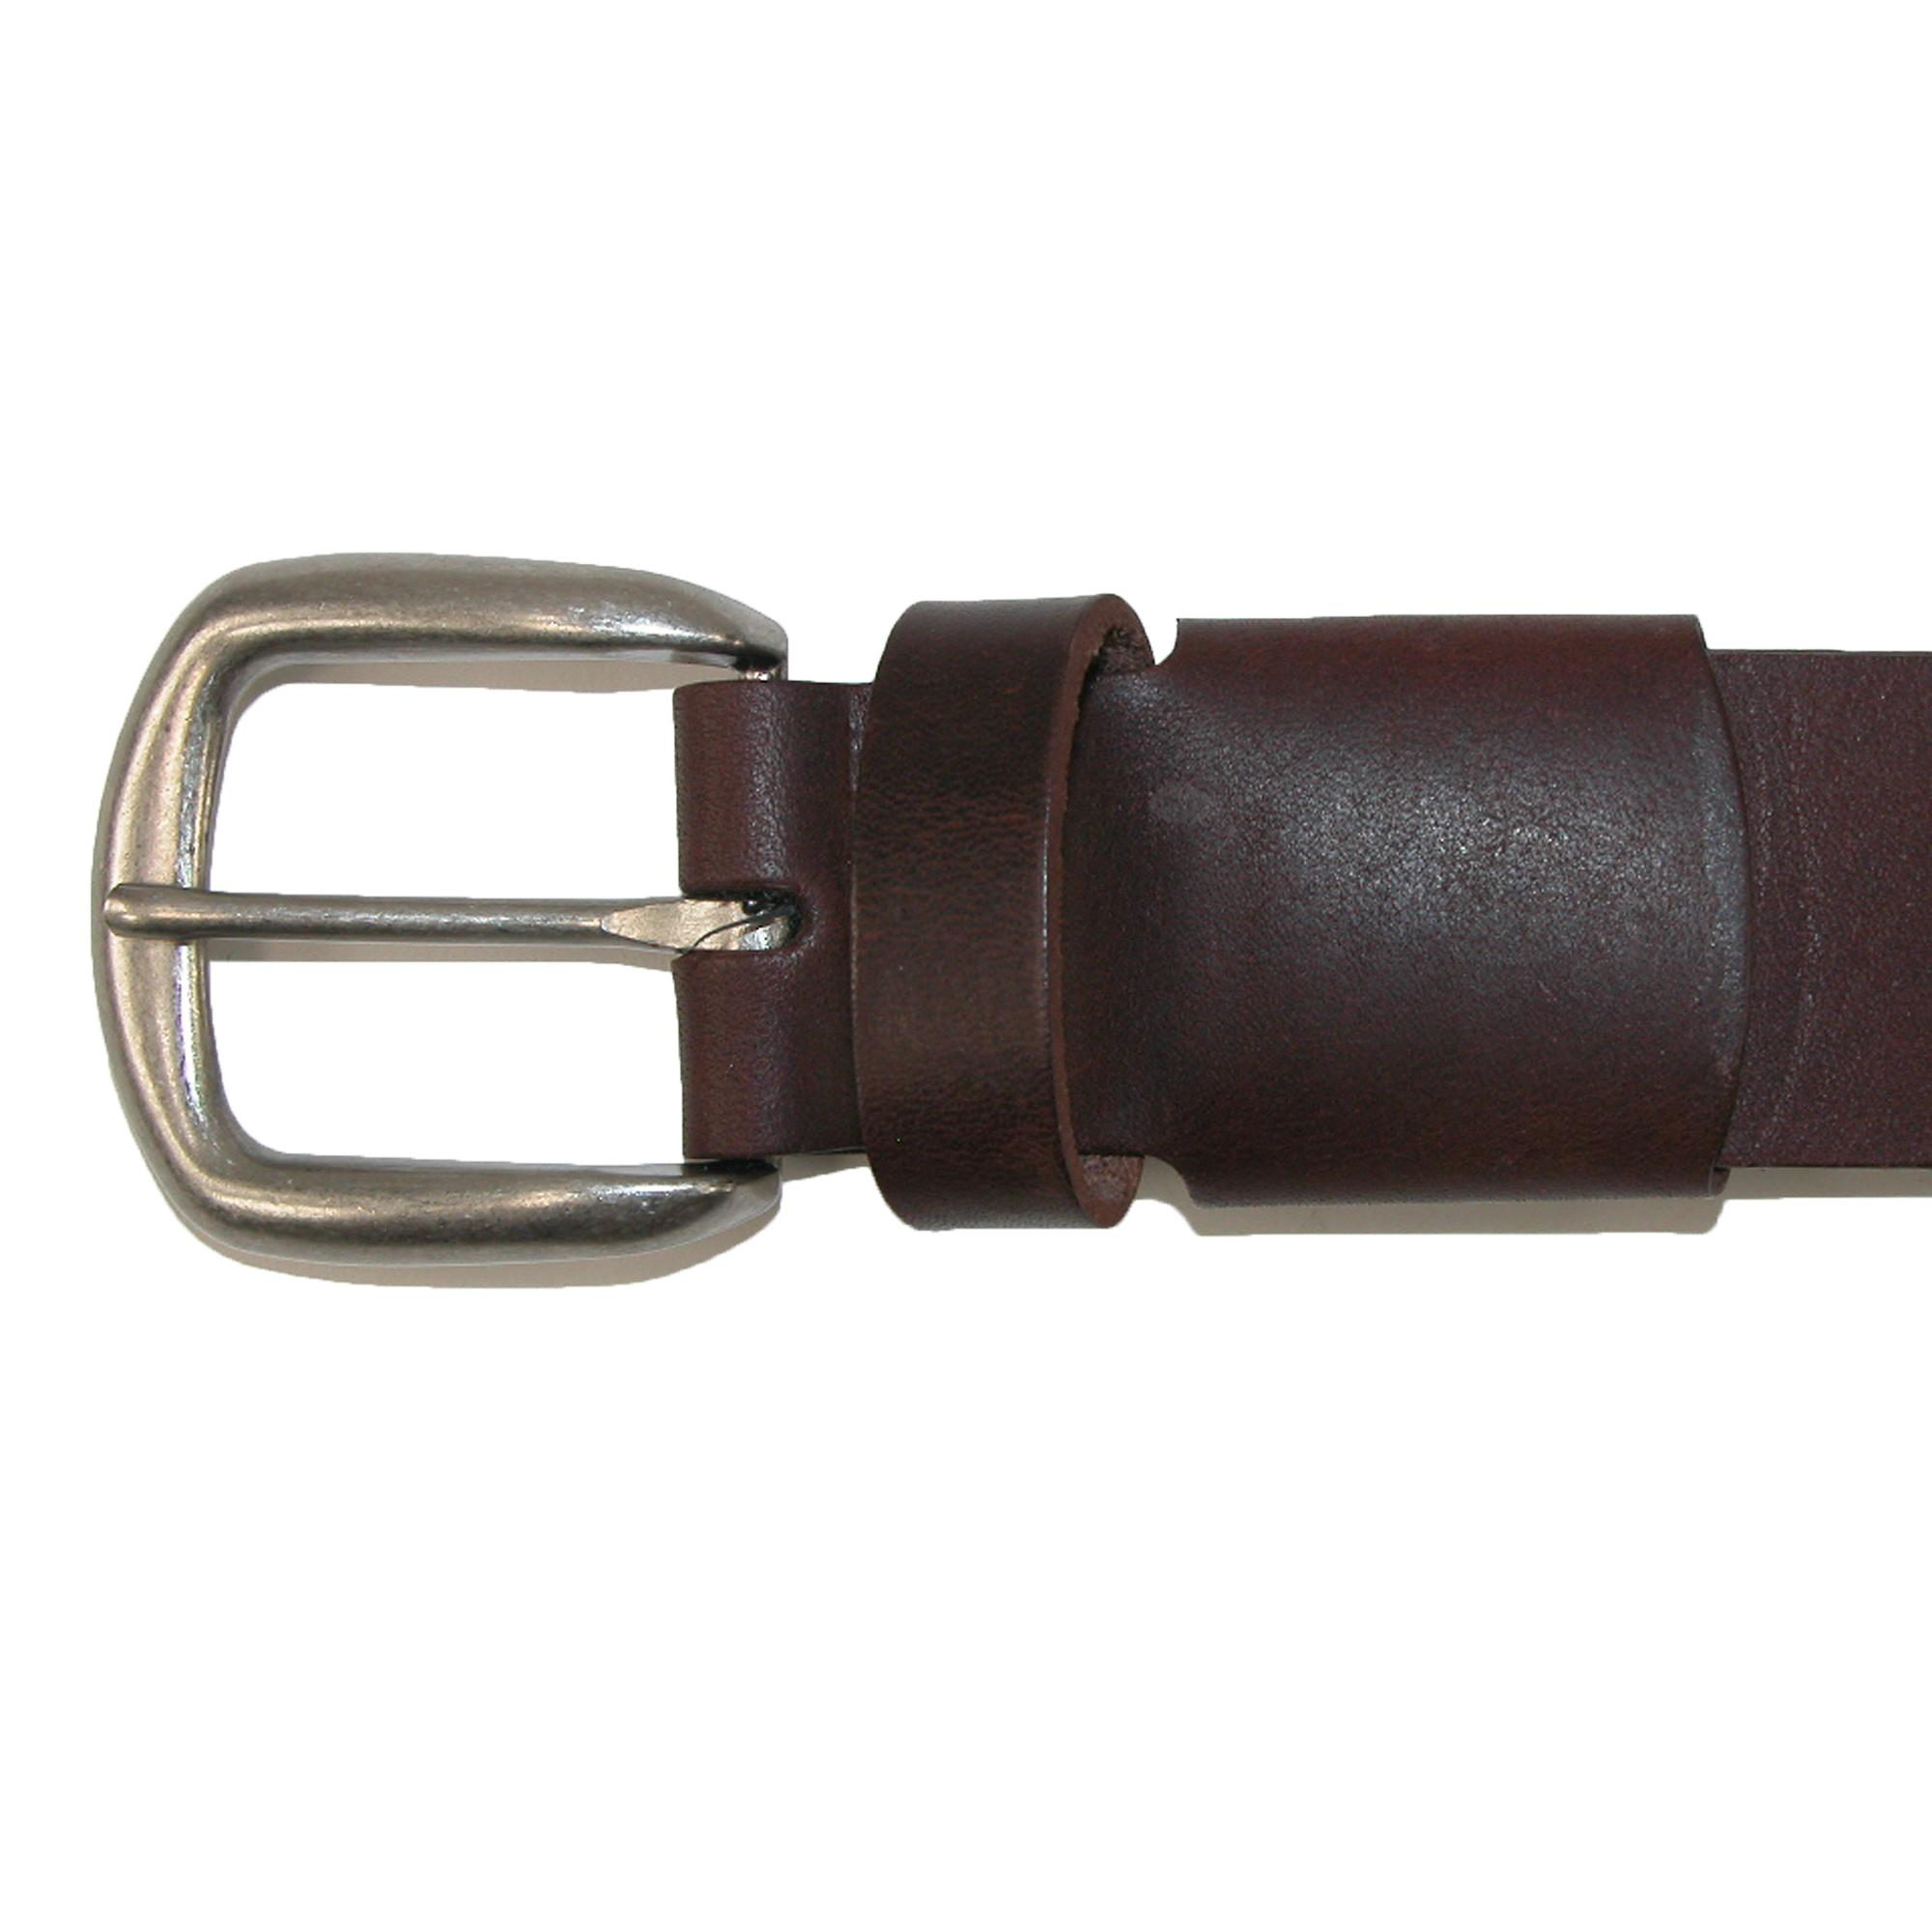 Nouveau-Boston-Leather-Men-039-s-Stretch-Cuir-Bride-Ceinture-Avec-Cache-elastique miniature 4